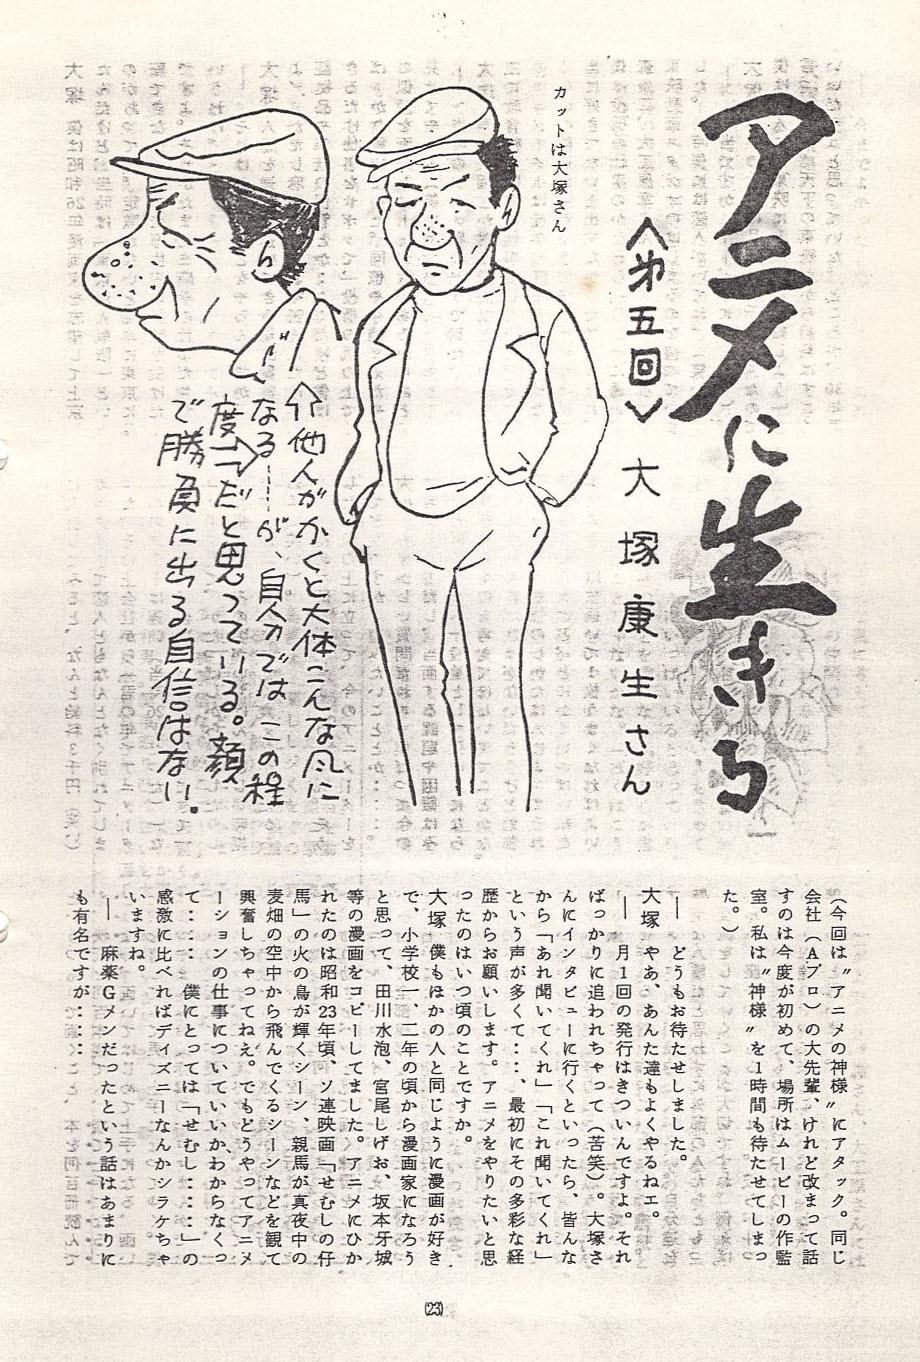 「アニメに生きる 第5回 大塚康生さん」(1975年発行「アニメれぽーと No.5」より)_c0024539_23361991.jpg